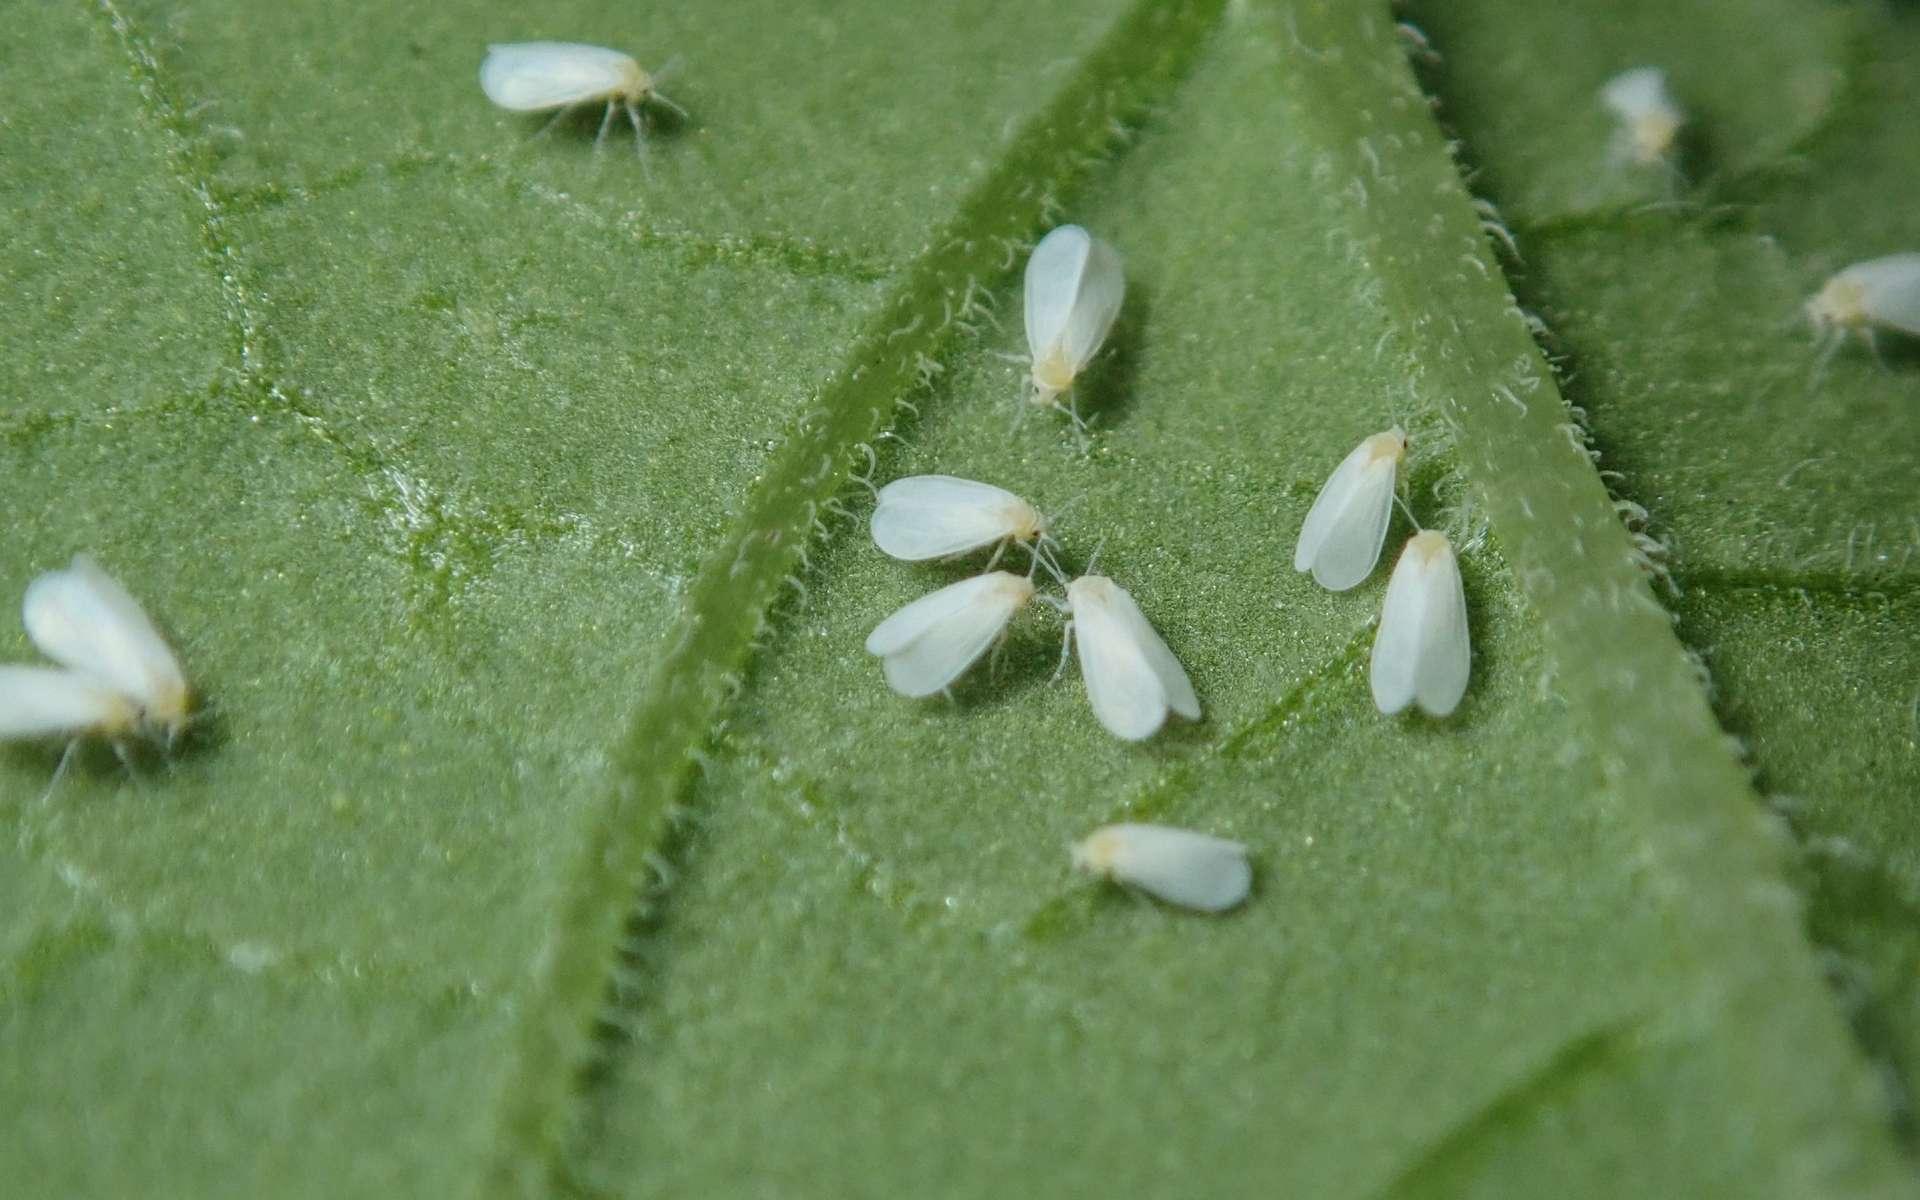 L'aleurode du tabac (Bemisia tabaci) est un petit insecte causant des ravages considérables aux cultures. © astrobirder, iNaturalist